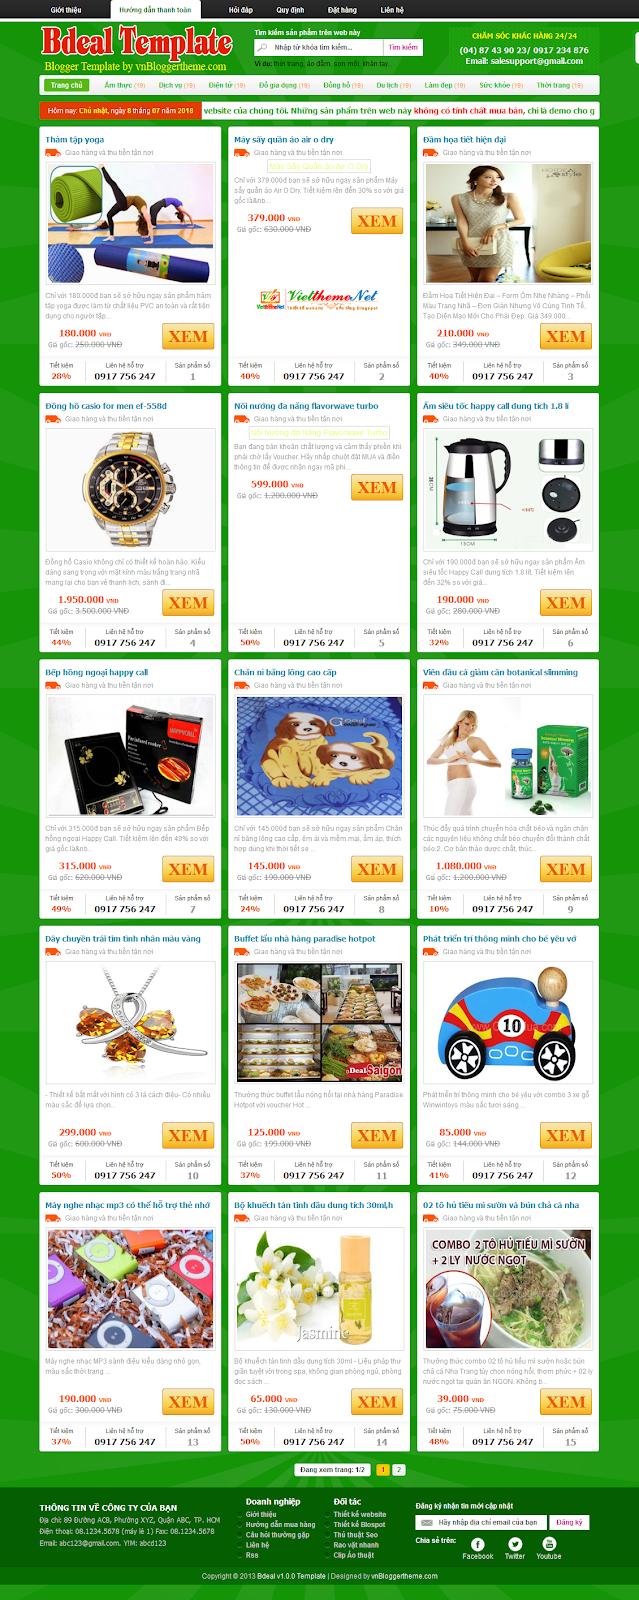 Bdeal Template - Giao diện bán hàng online dạng khuyến mãi cho Blogspot